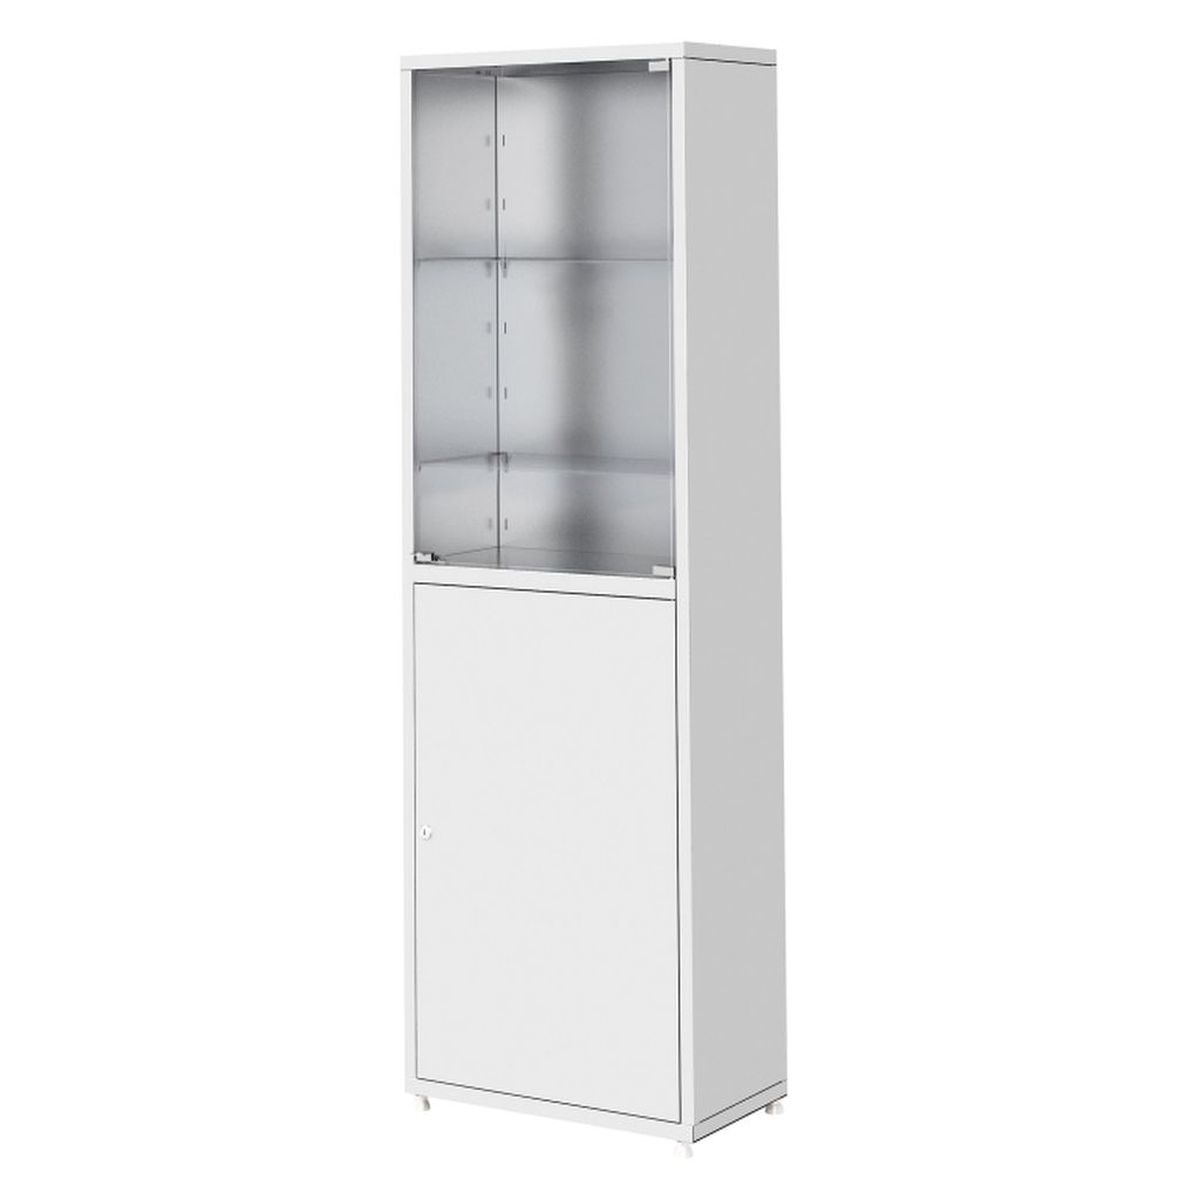 Шкаф металлический медицинский двухсекционный, одностворчатый ШМ-01-«МСК» верхняя секция – стекло, нижняя – металл (код МСК-645.02)